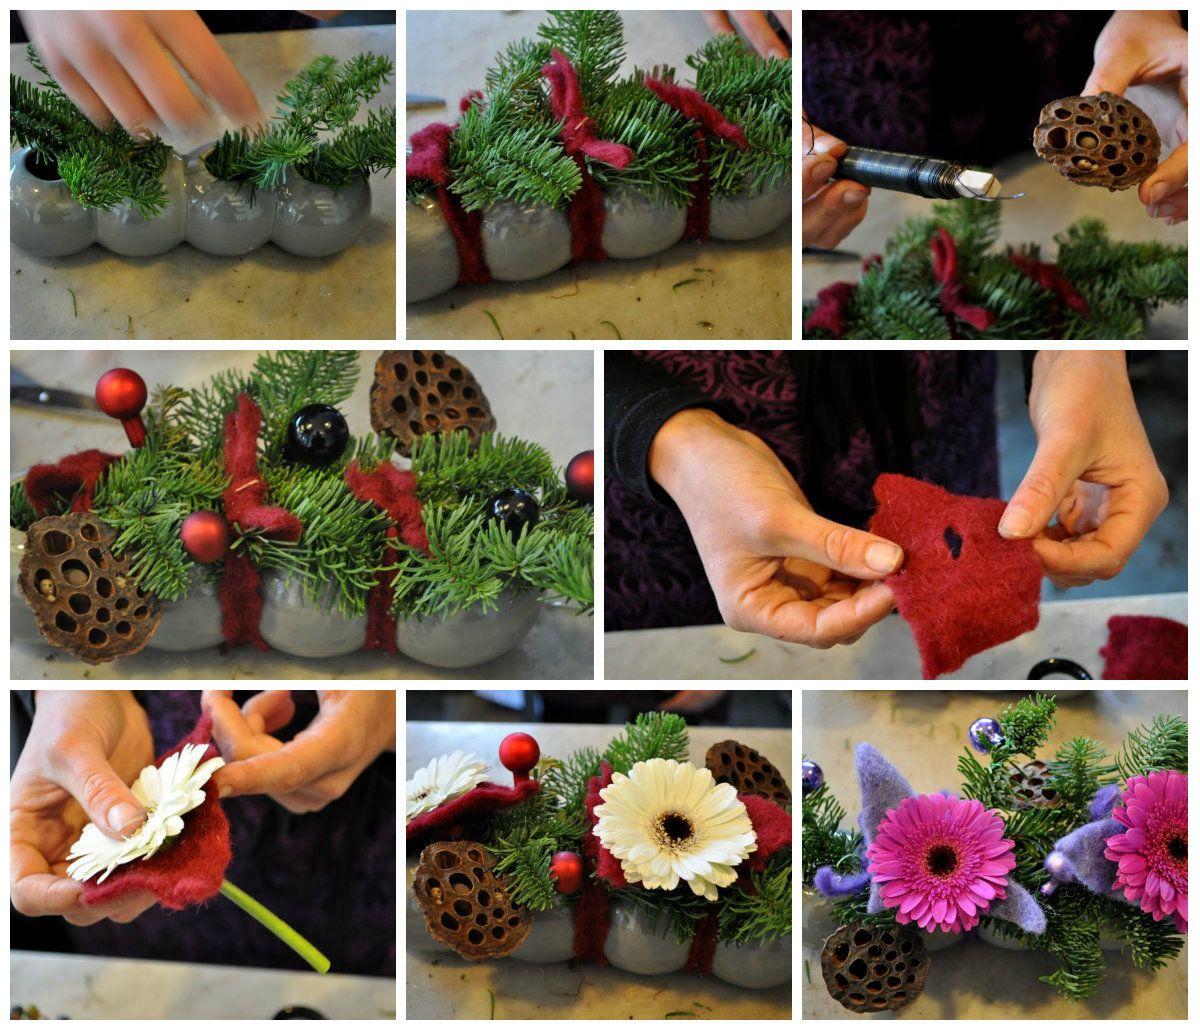 Collage-kerststukje-in-vaasje-4-bollen.jpg 1.200×1.032 piksel